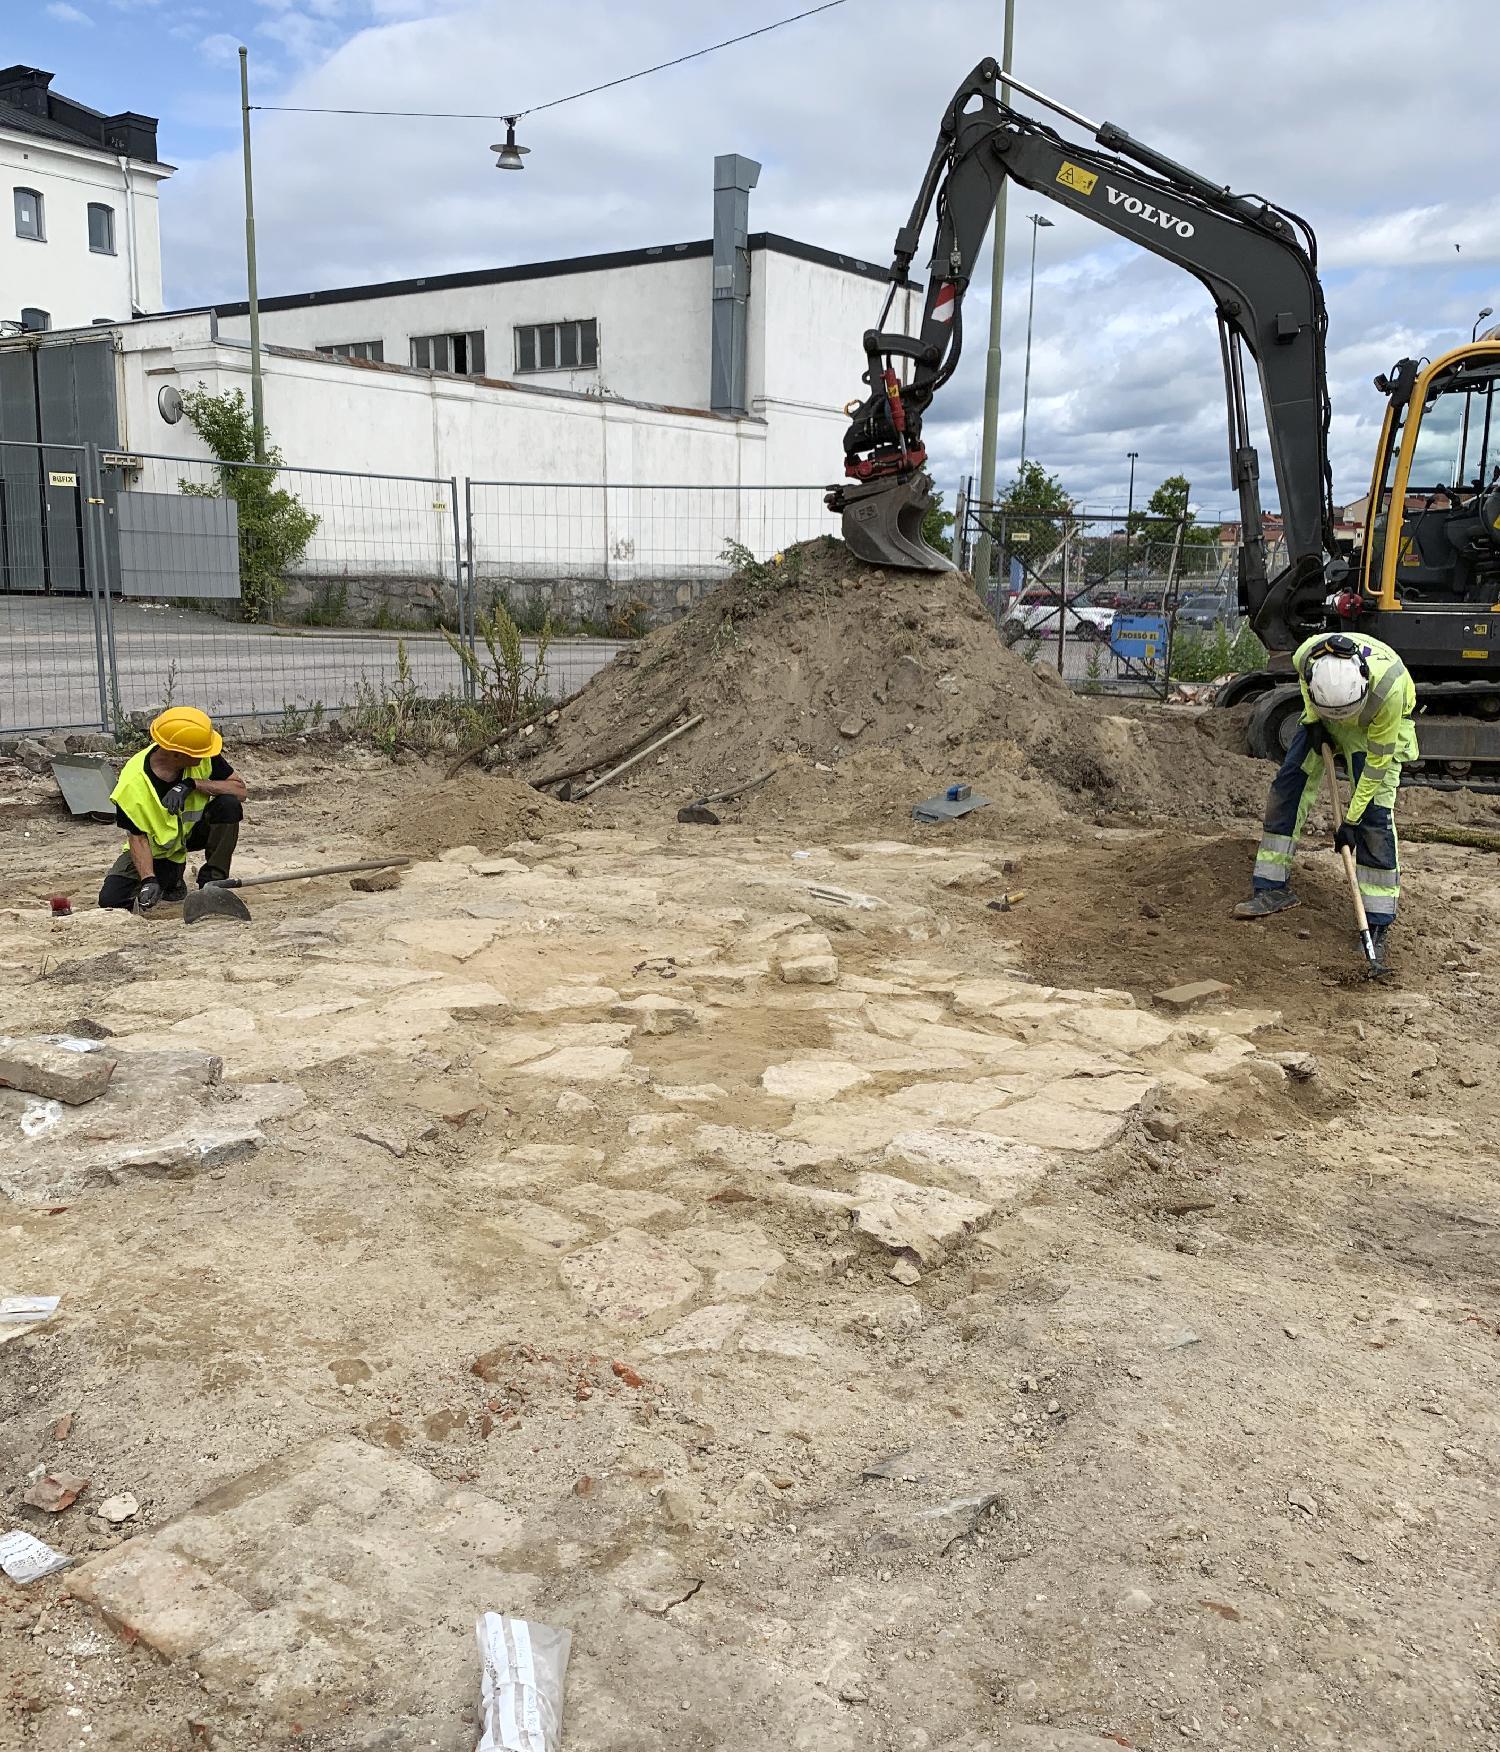 Arkeologerna Mikael Björk och Albin Norqvist rensar fram kritpipsugnen. Foto: Lotta Stenqvist, Arkeologerna.